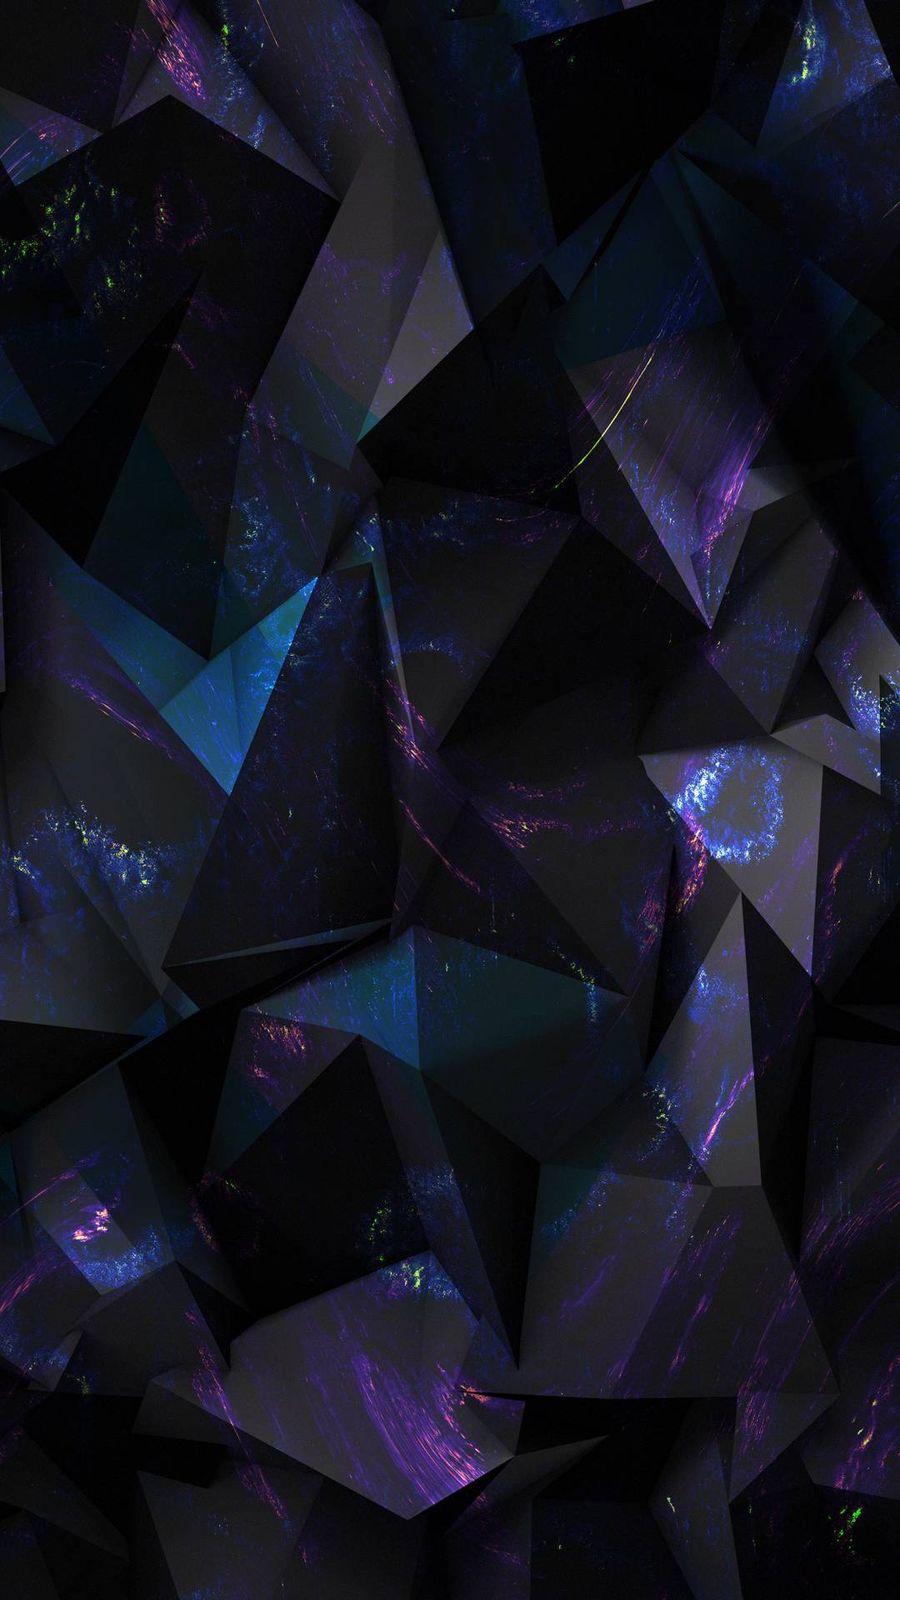 Обои на телефон черные, фиолетовые, абстрактные